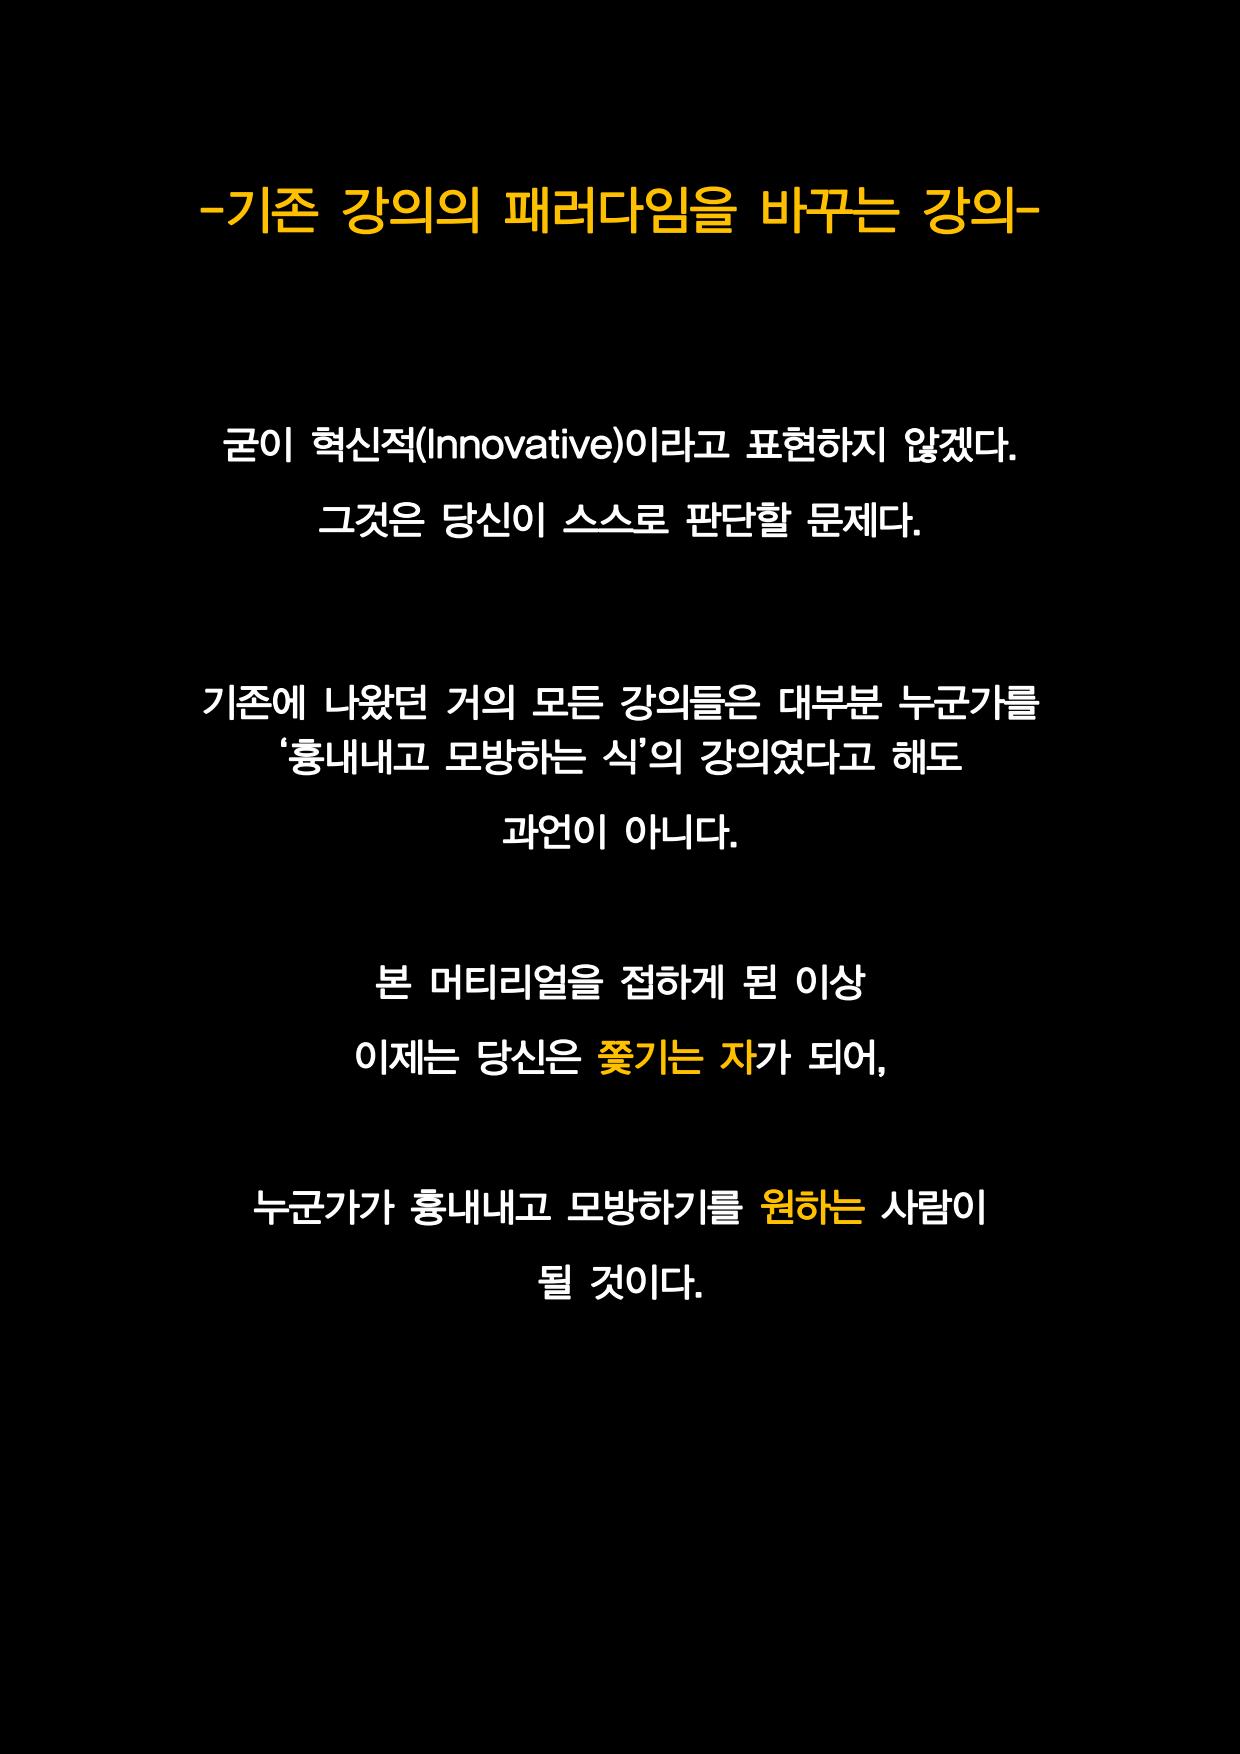 본 머티리어 1회차 홍보글(폰트 포함)_14.png